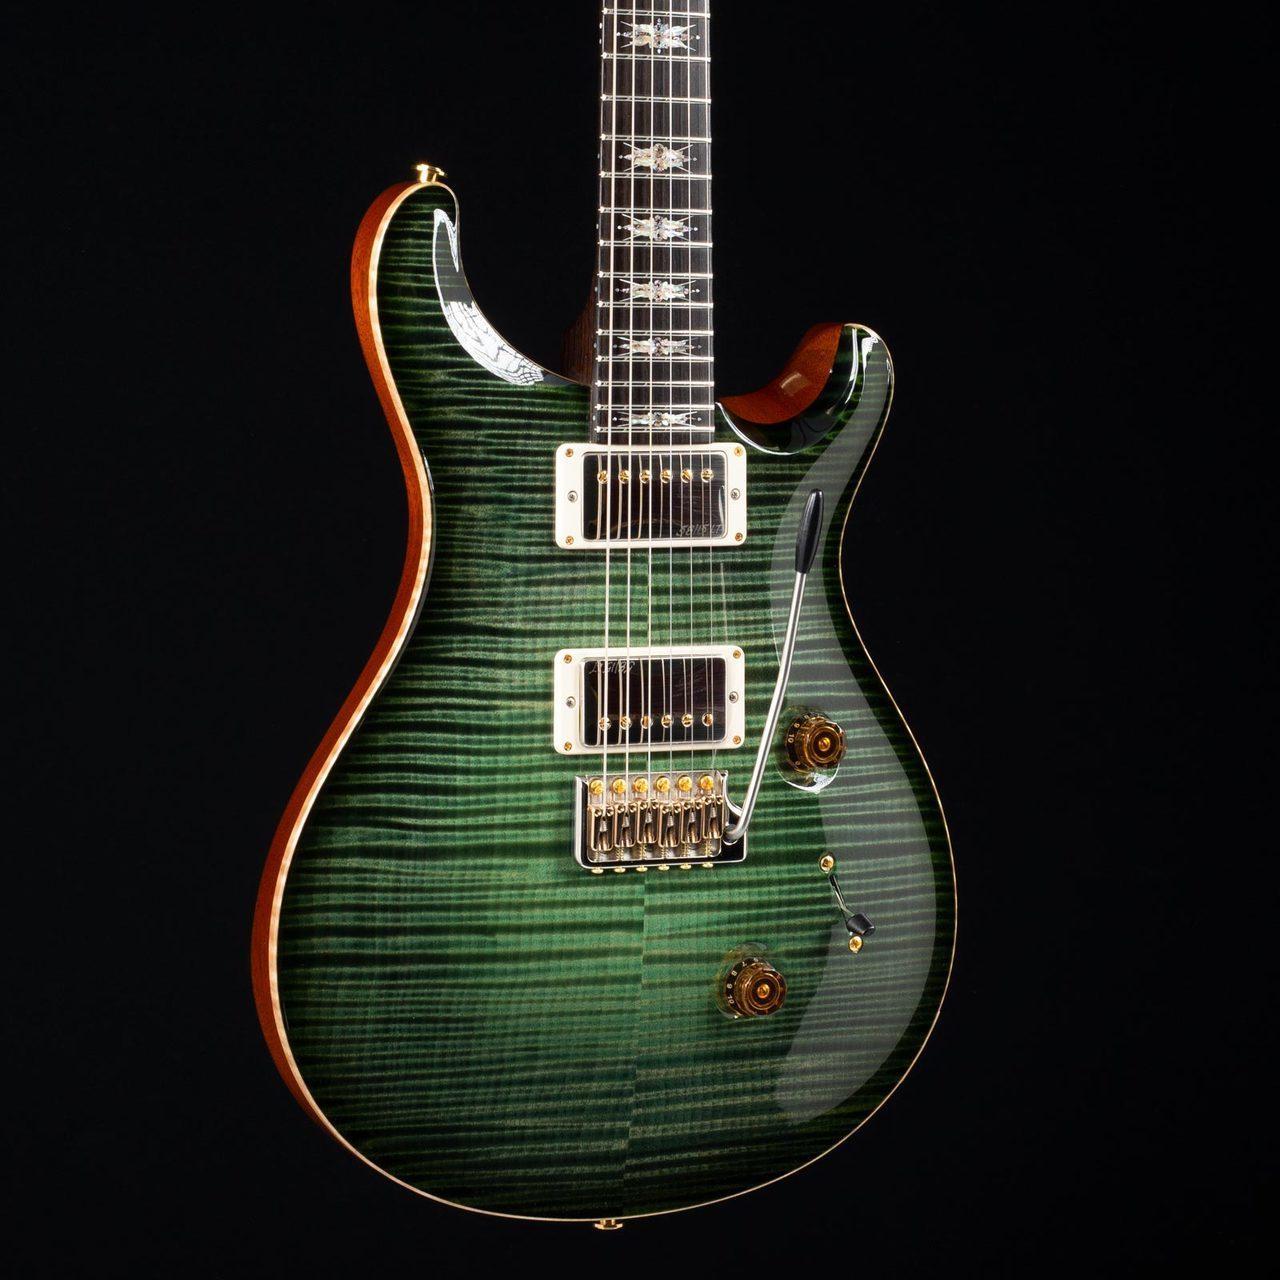 2016 Custom 24 Lotus Knot Private Stock Sage Glow Smoke Burst 3415 Flamme verte en érable Guitare électrique Lotus Knot inlays, trémolo Pont